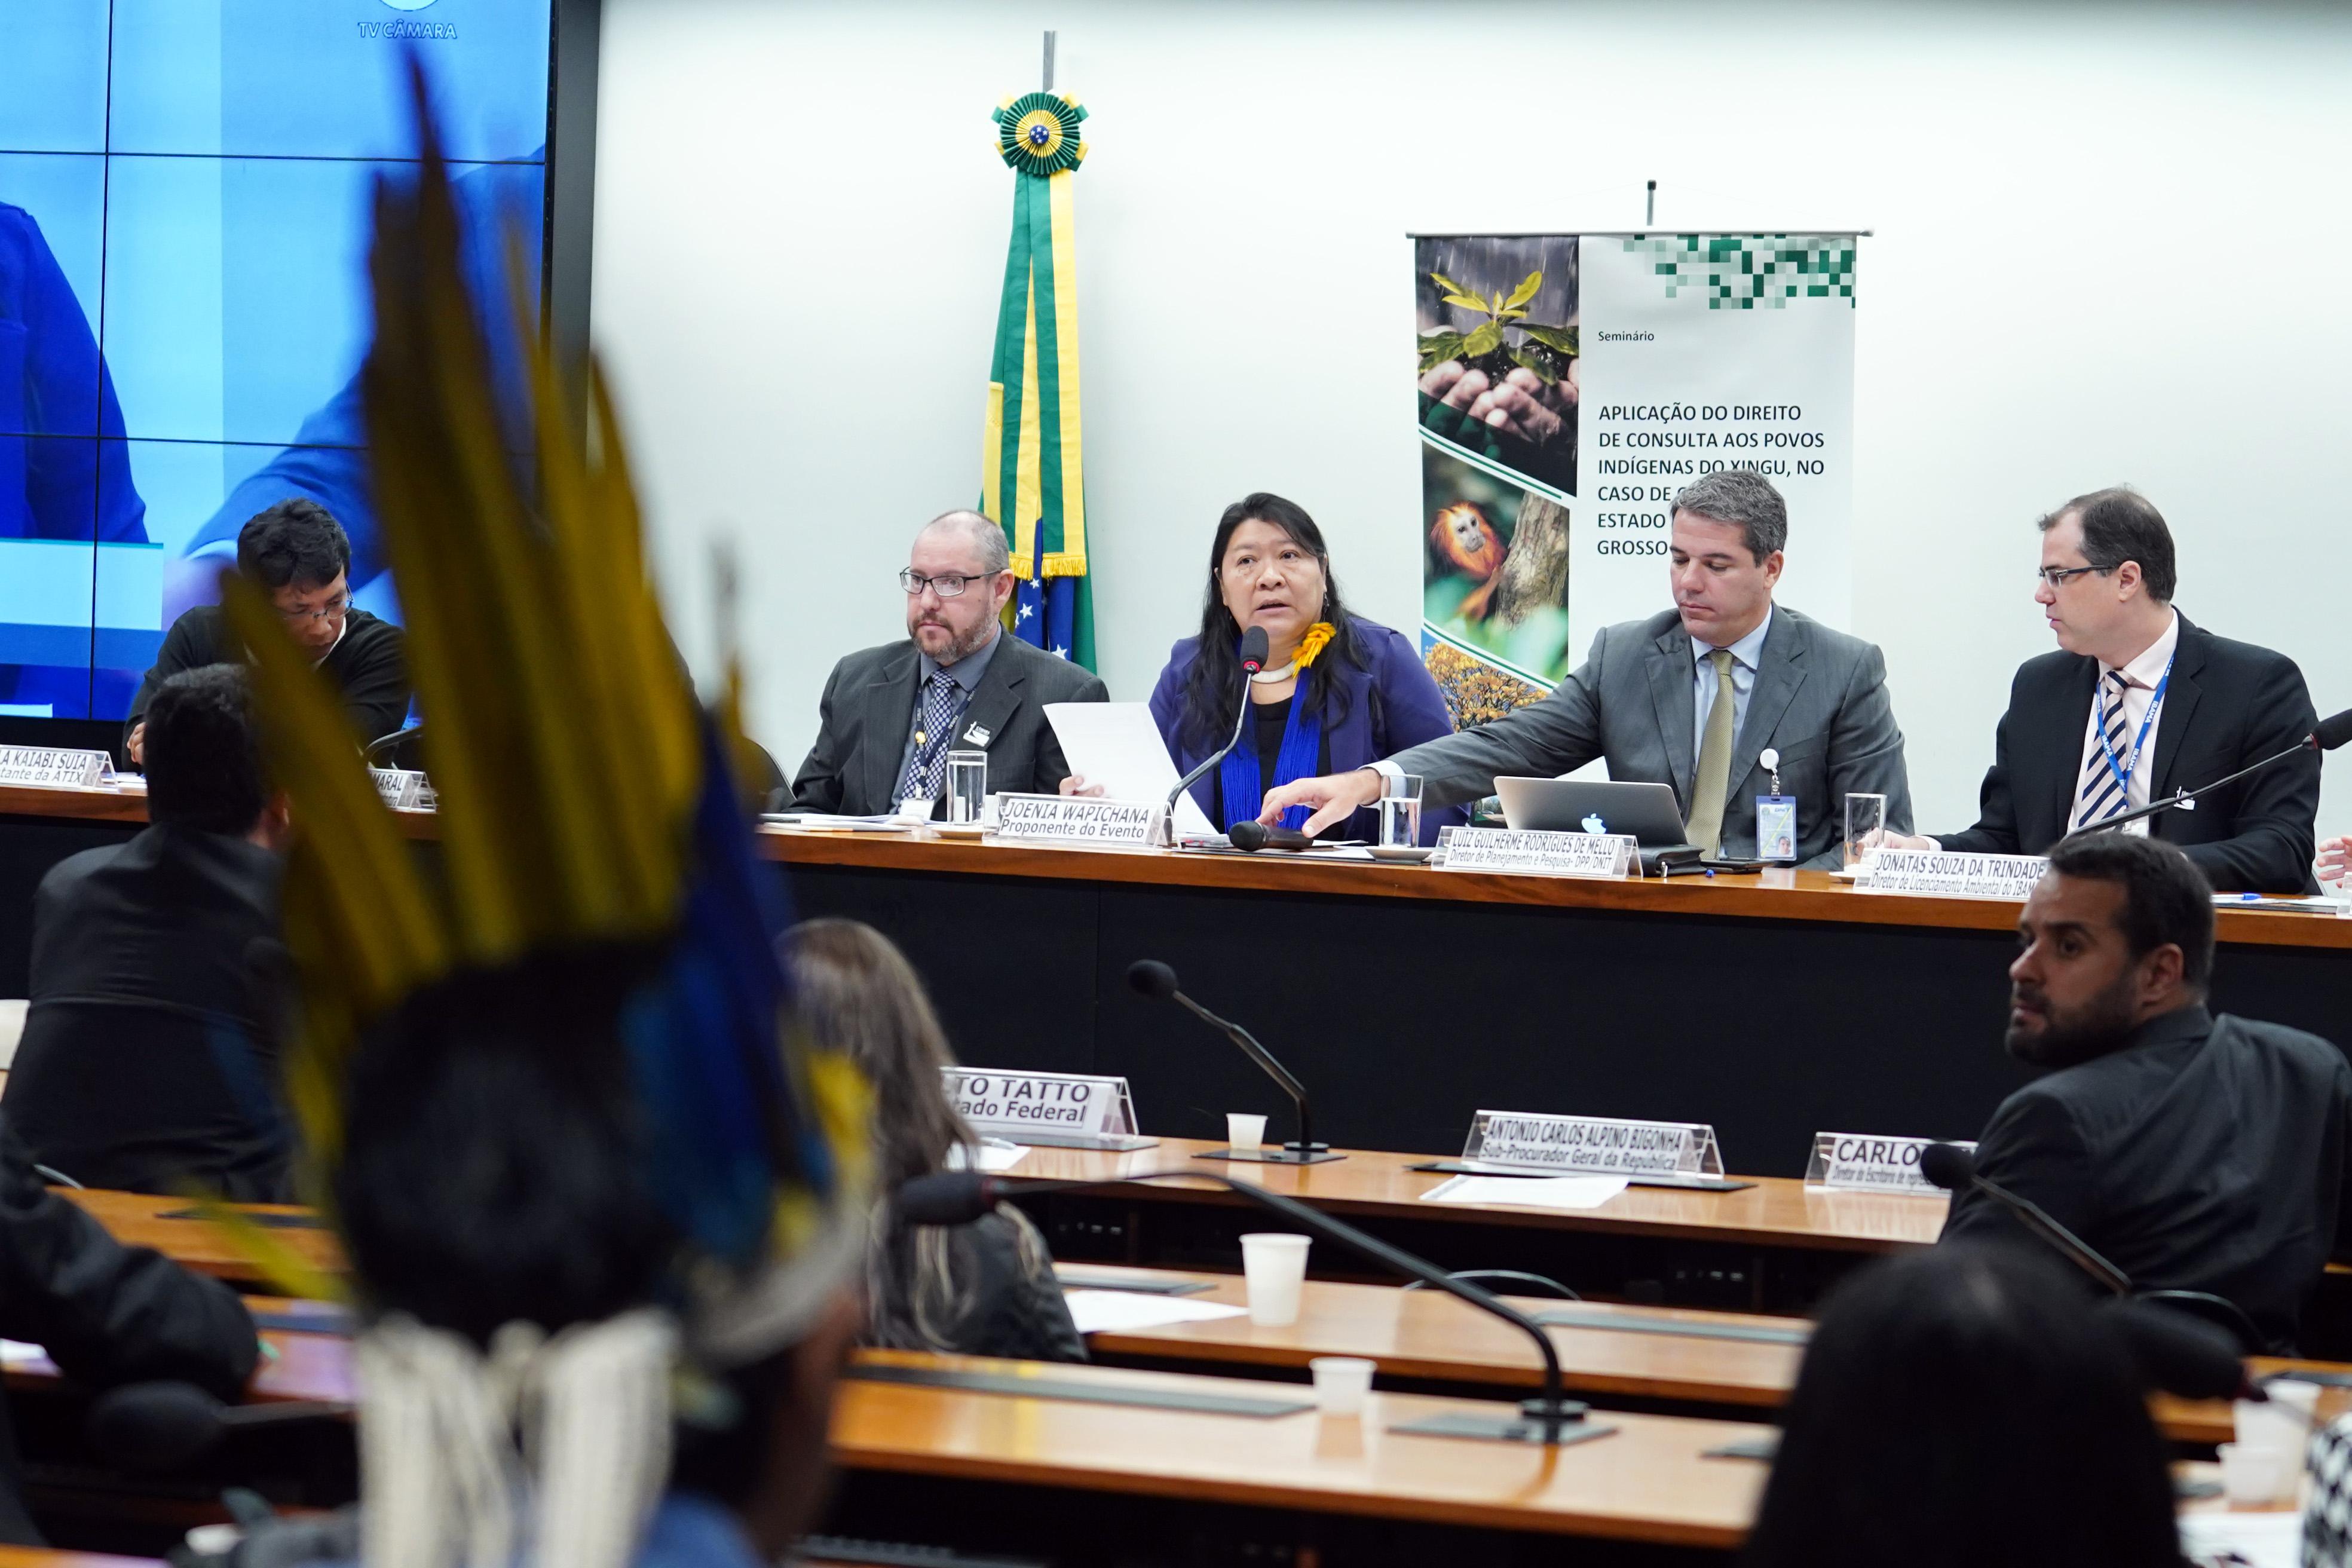 Seminário: Aplicação do Direito de Consulta e Consentimento Prévio, Livre e Informado aos Povos Indígenas do Xingu, no caso das obras no Estado do Mato Grosso